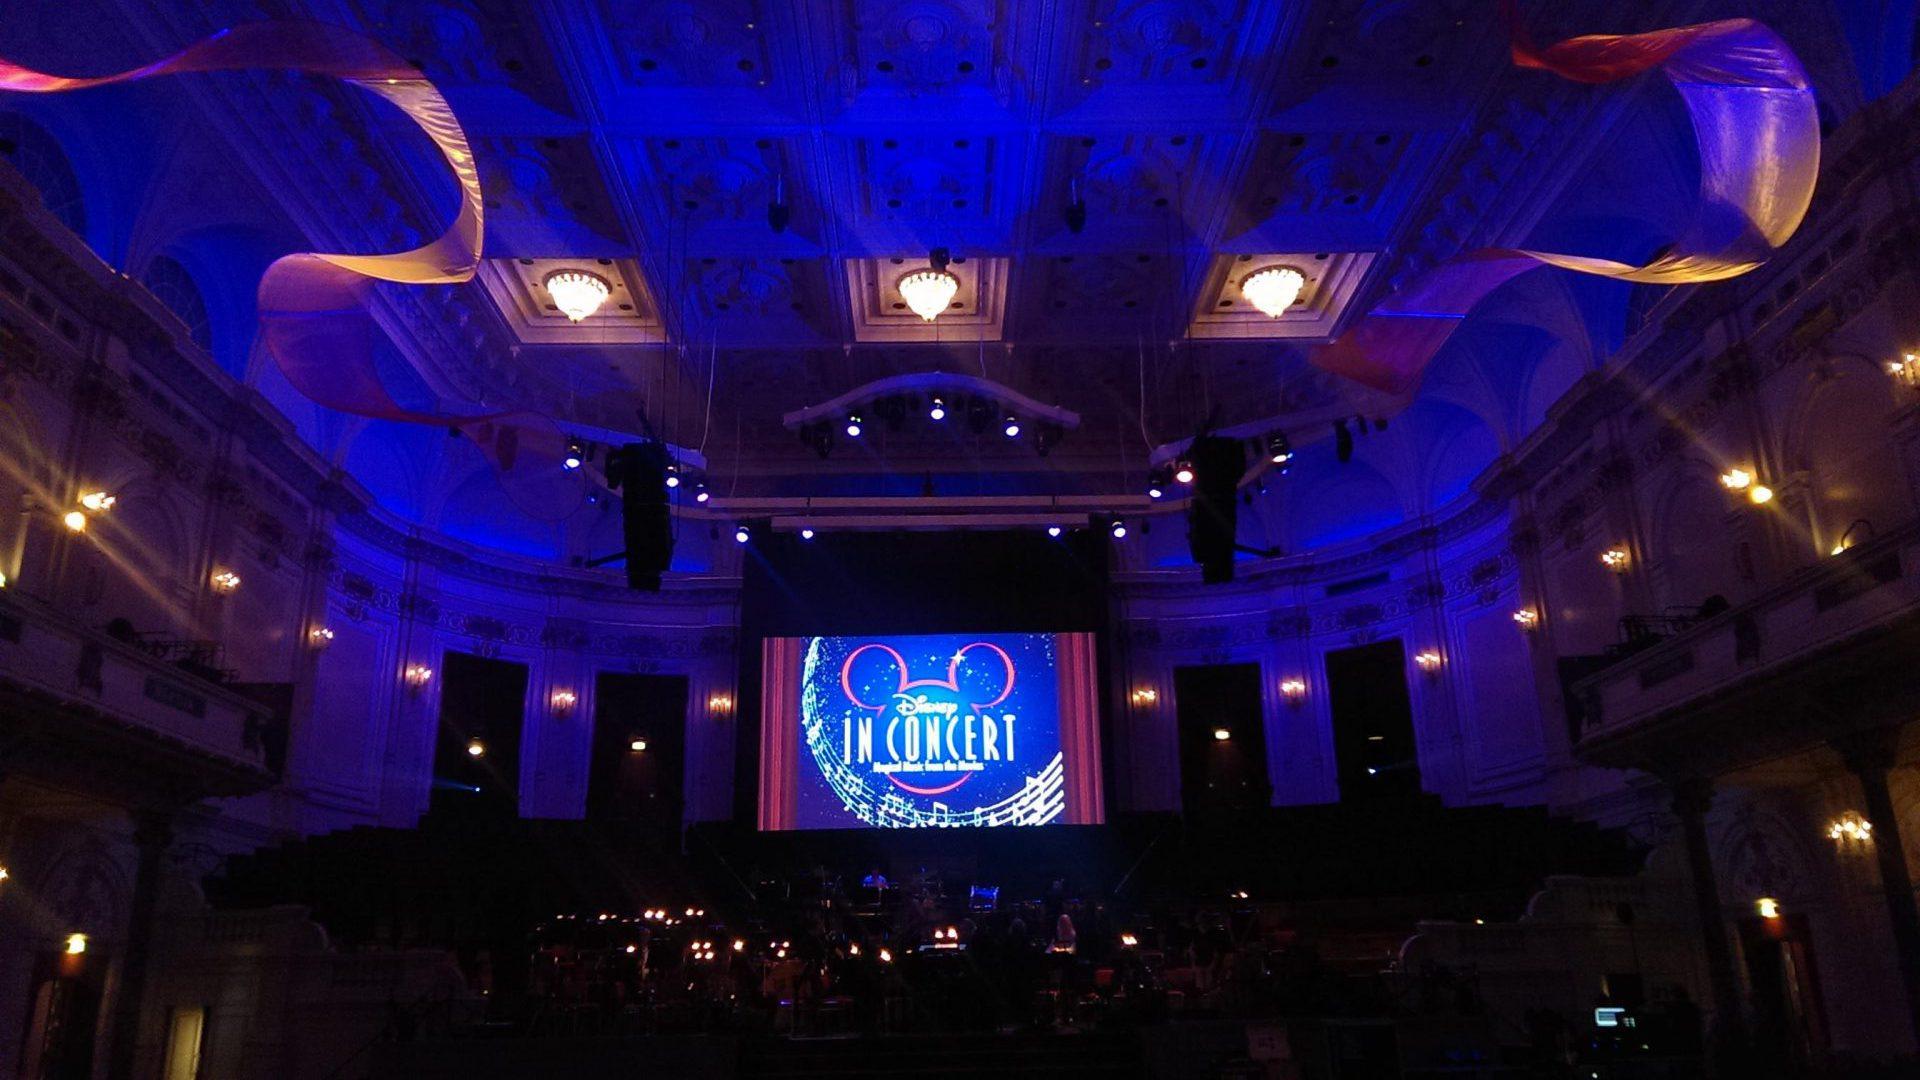 Disney in Concert 2014